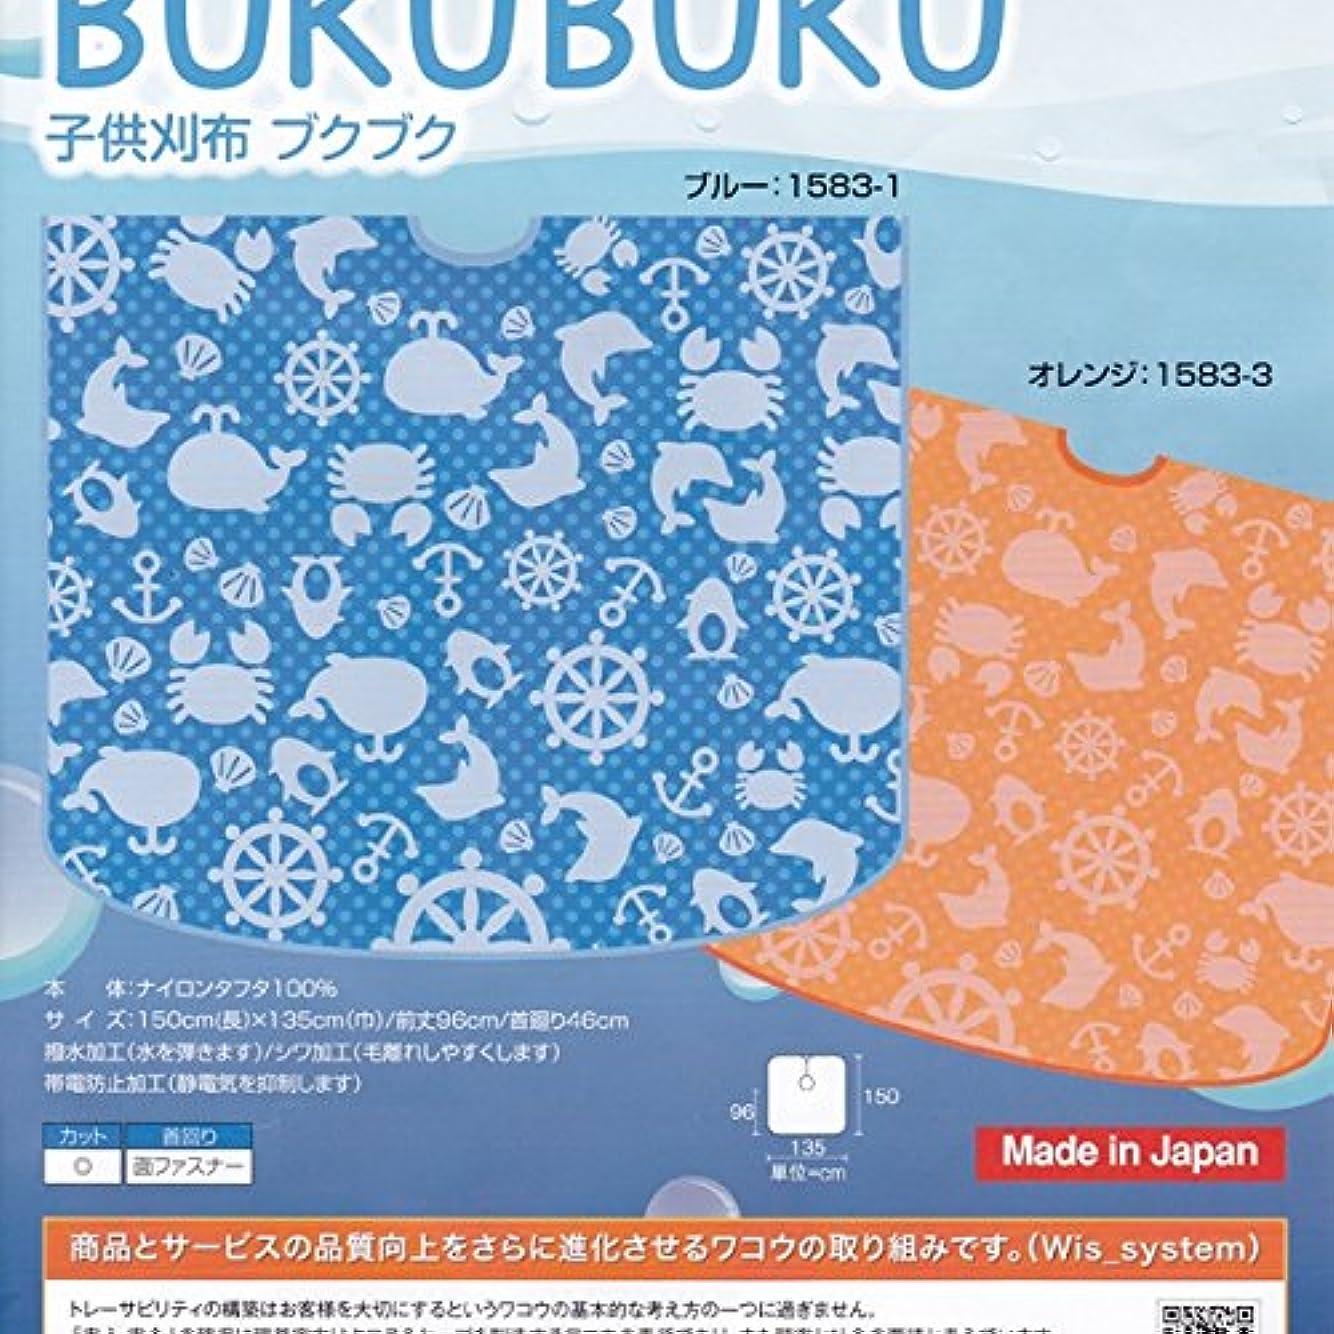 する必要があるアルカイック重くするワコウ 子供苅布 BUKUBUKU No.1583 マジックタイプ ブルー